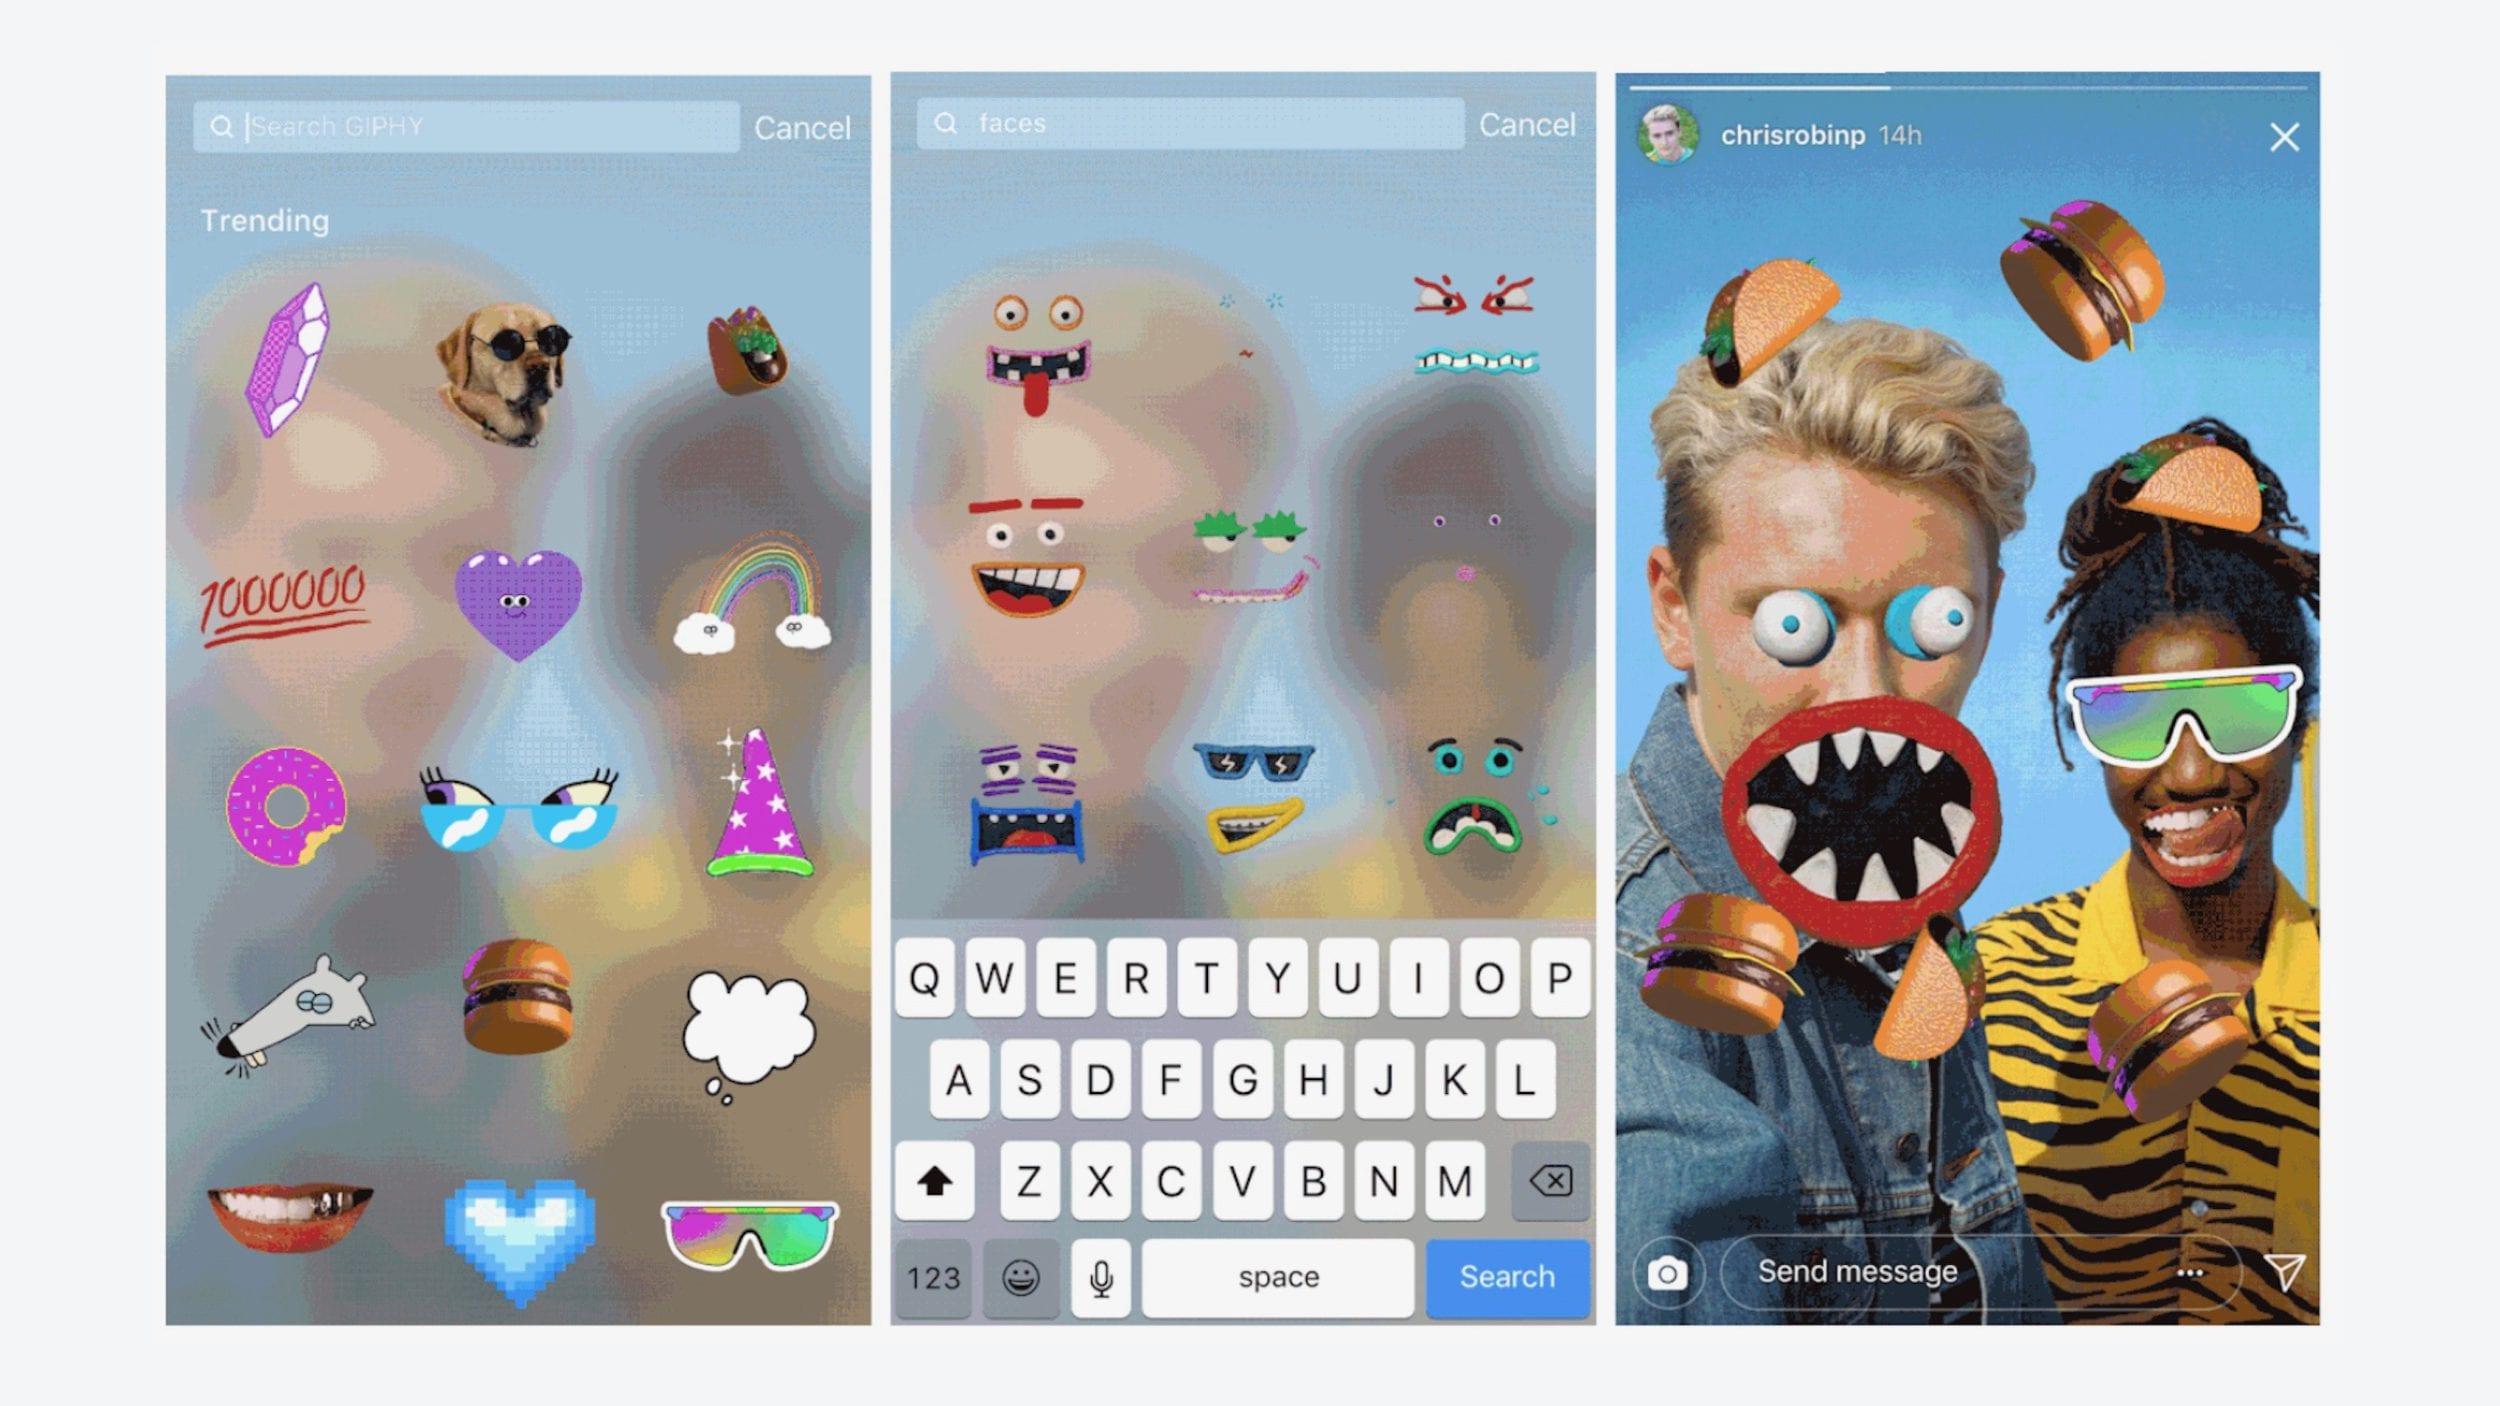 Instagram e Snapchat rimuovono il supporto alle GIF perché contengono contenuti offensivi